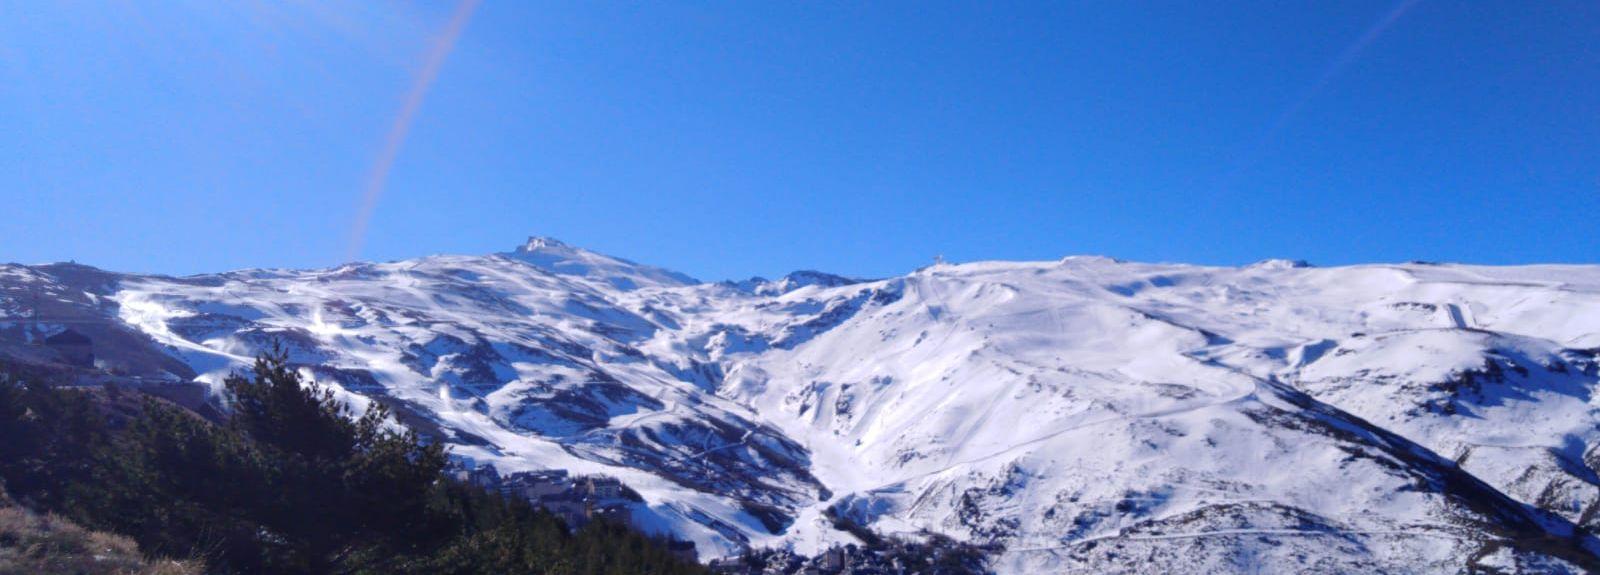 Skigebiet Sierra Nevada, Monachil, Andalusien, Spanien